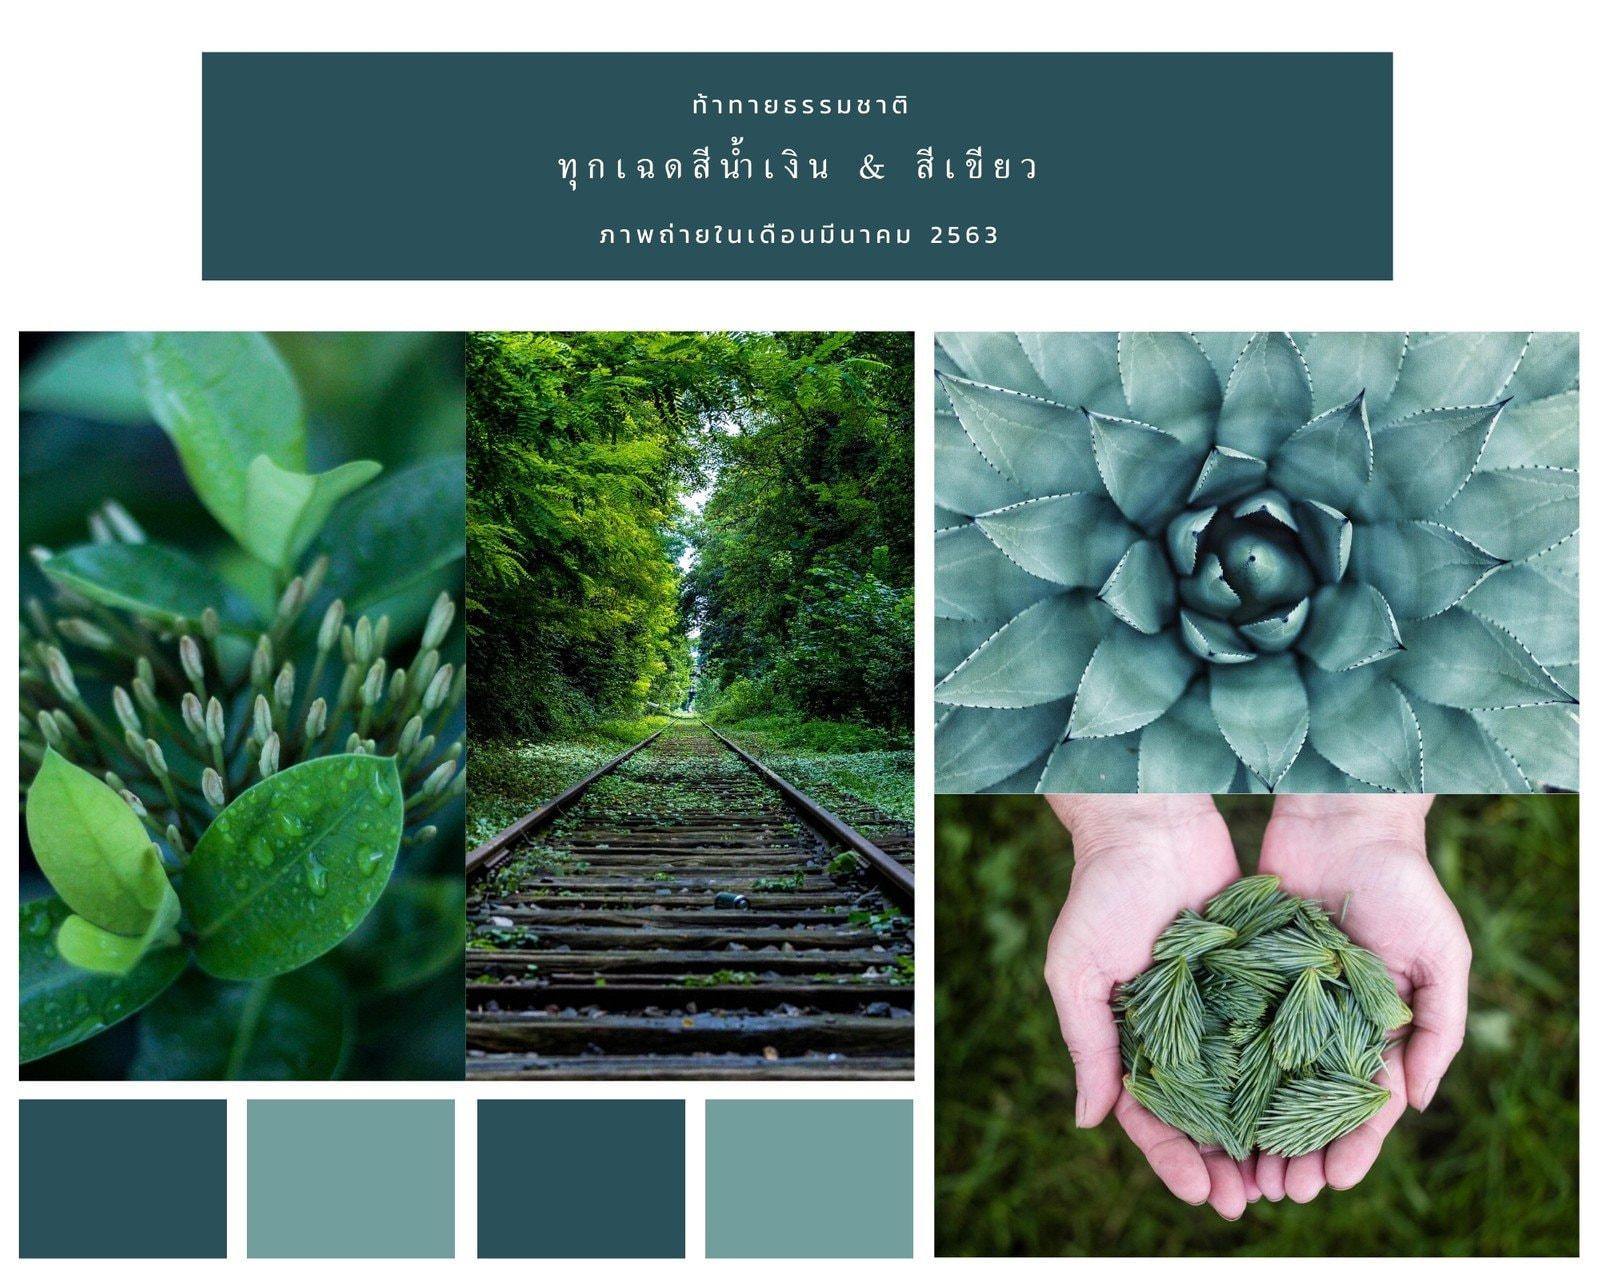 คอลลาจภาพถ่ายมูดบอร์ดธรรมชาติสีเขียว